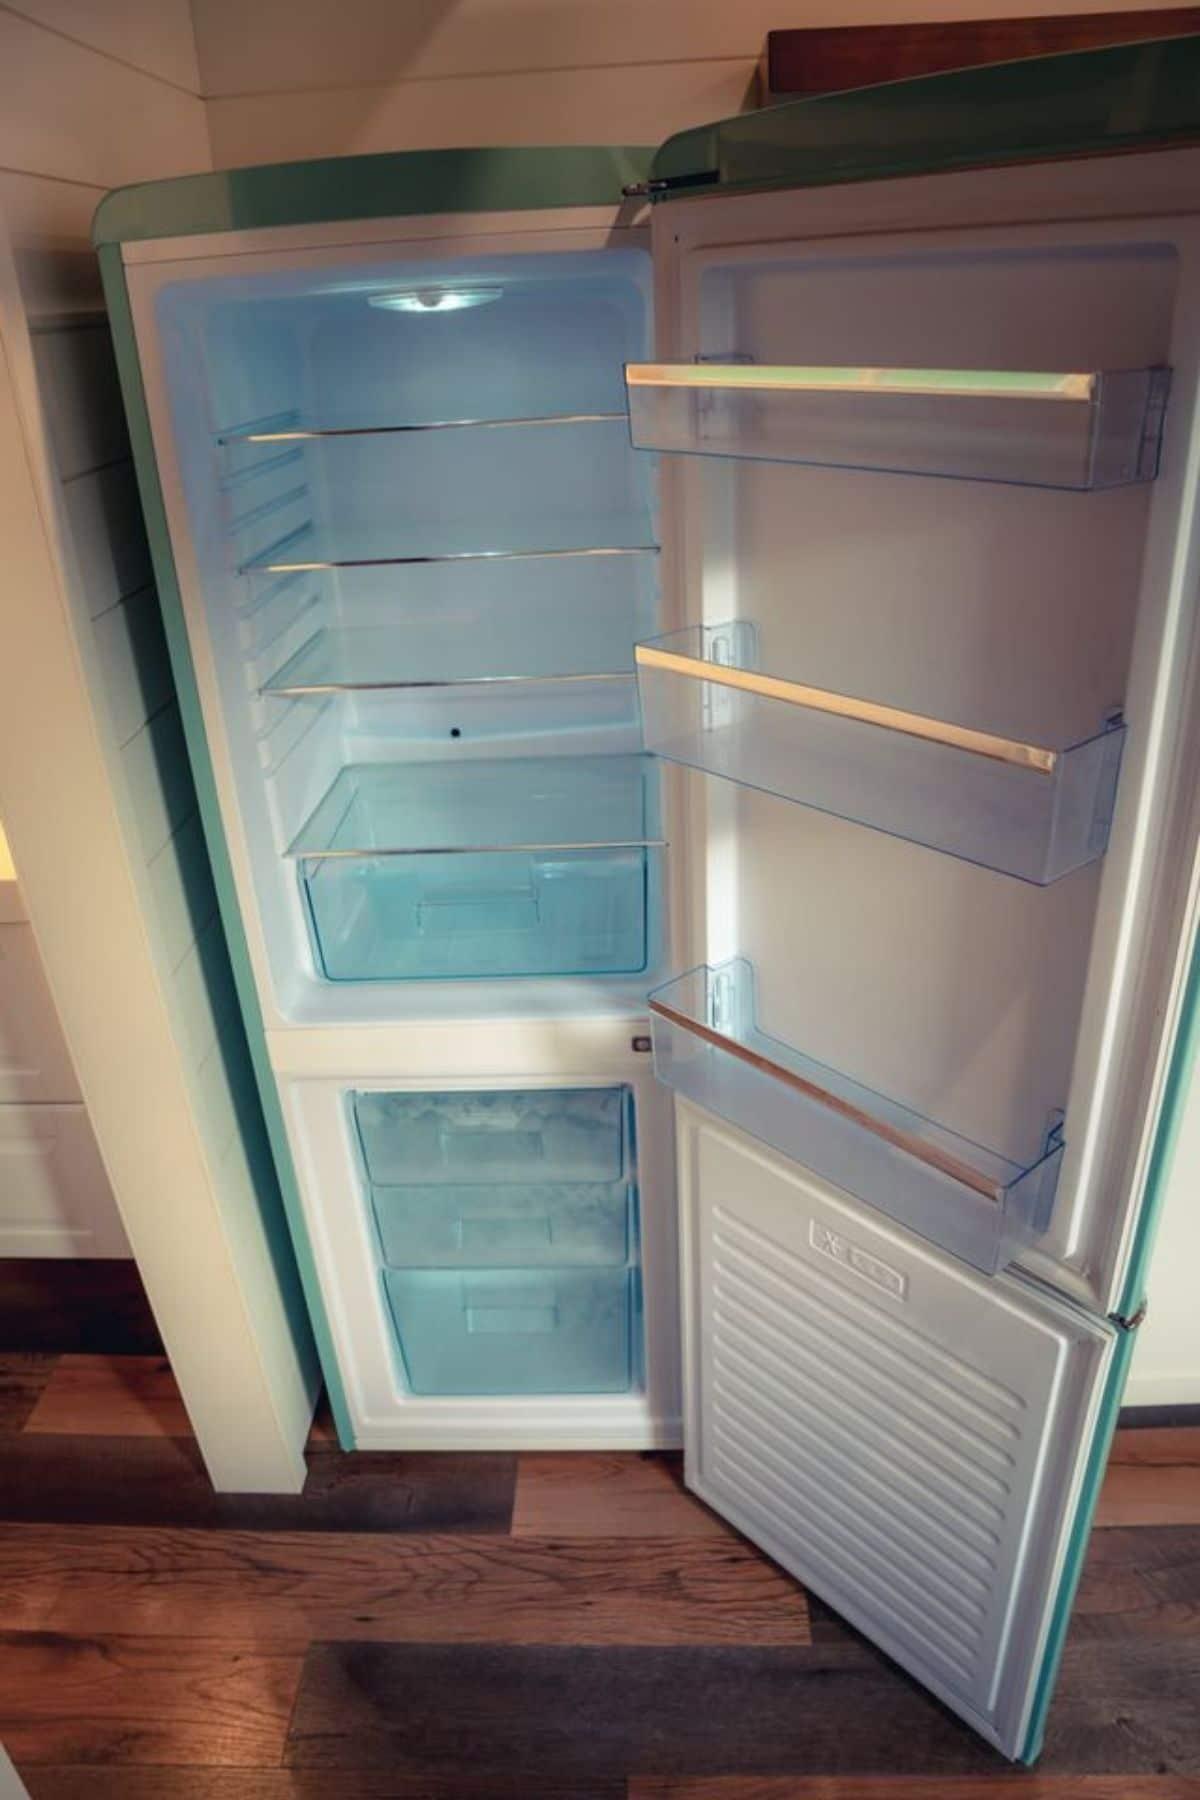 Retro teal refrigerator open door with plastic bins